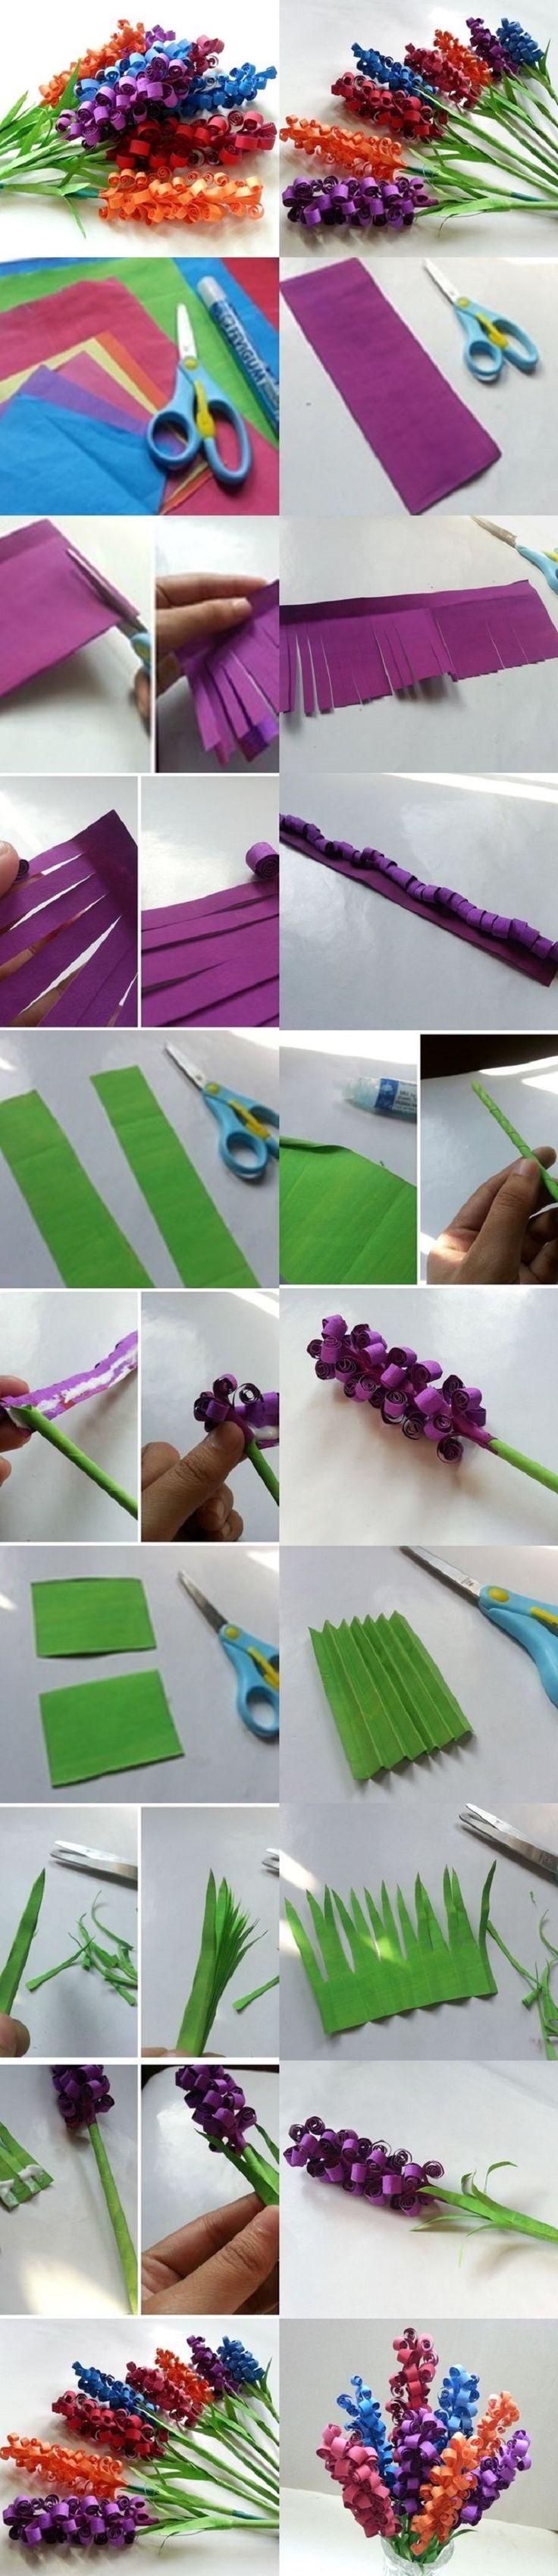 Идеи для поделок цветов